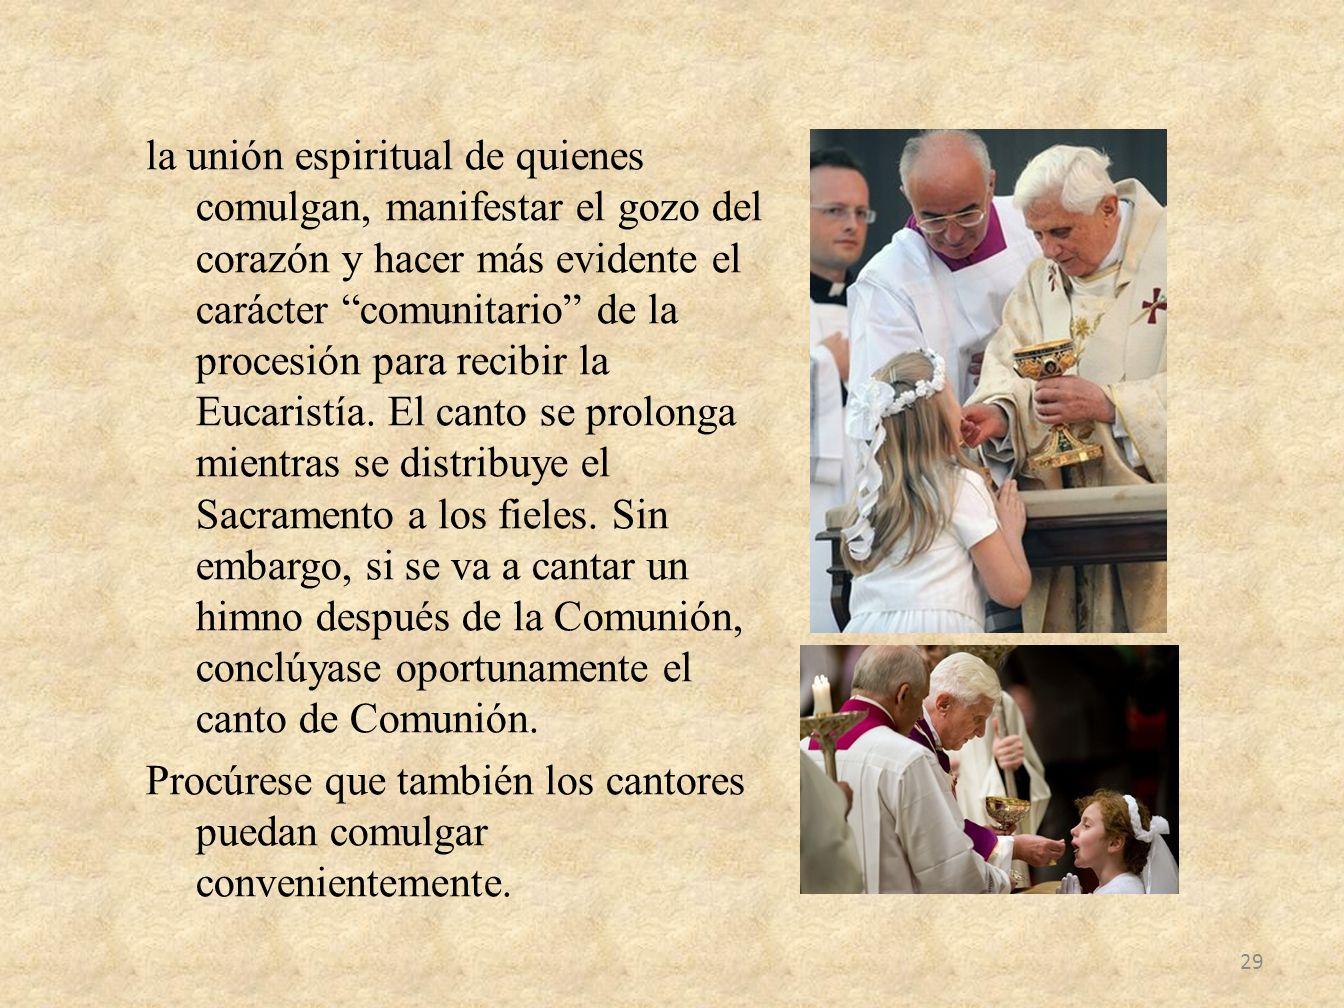 la unión espiritual de quienes comulgan, manifestar el gozo del corazón y hacer más evidente el carácter comunitario de la procesión para recibir la E